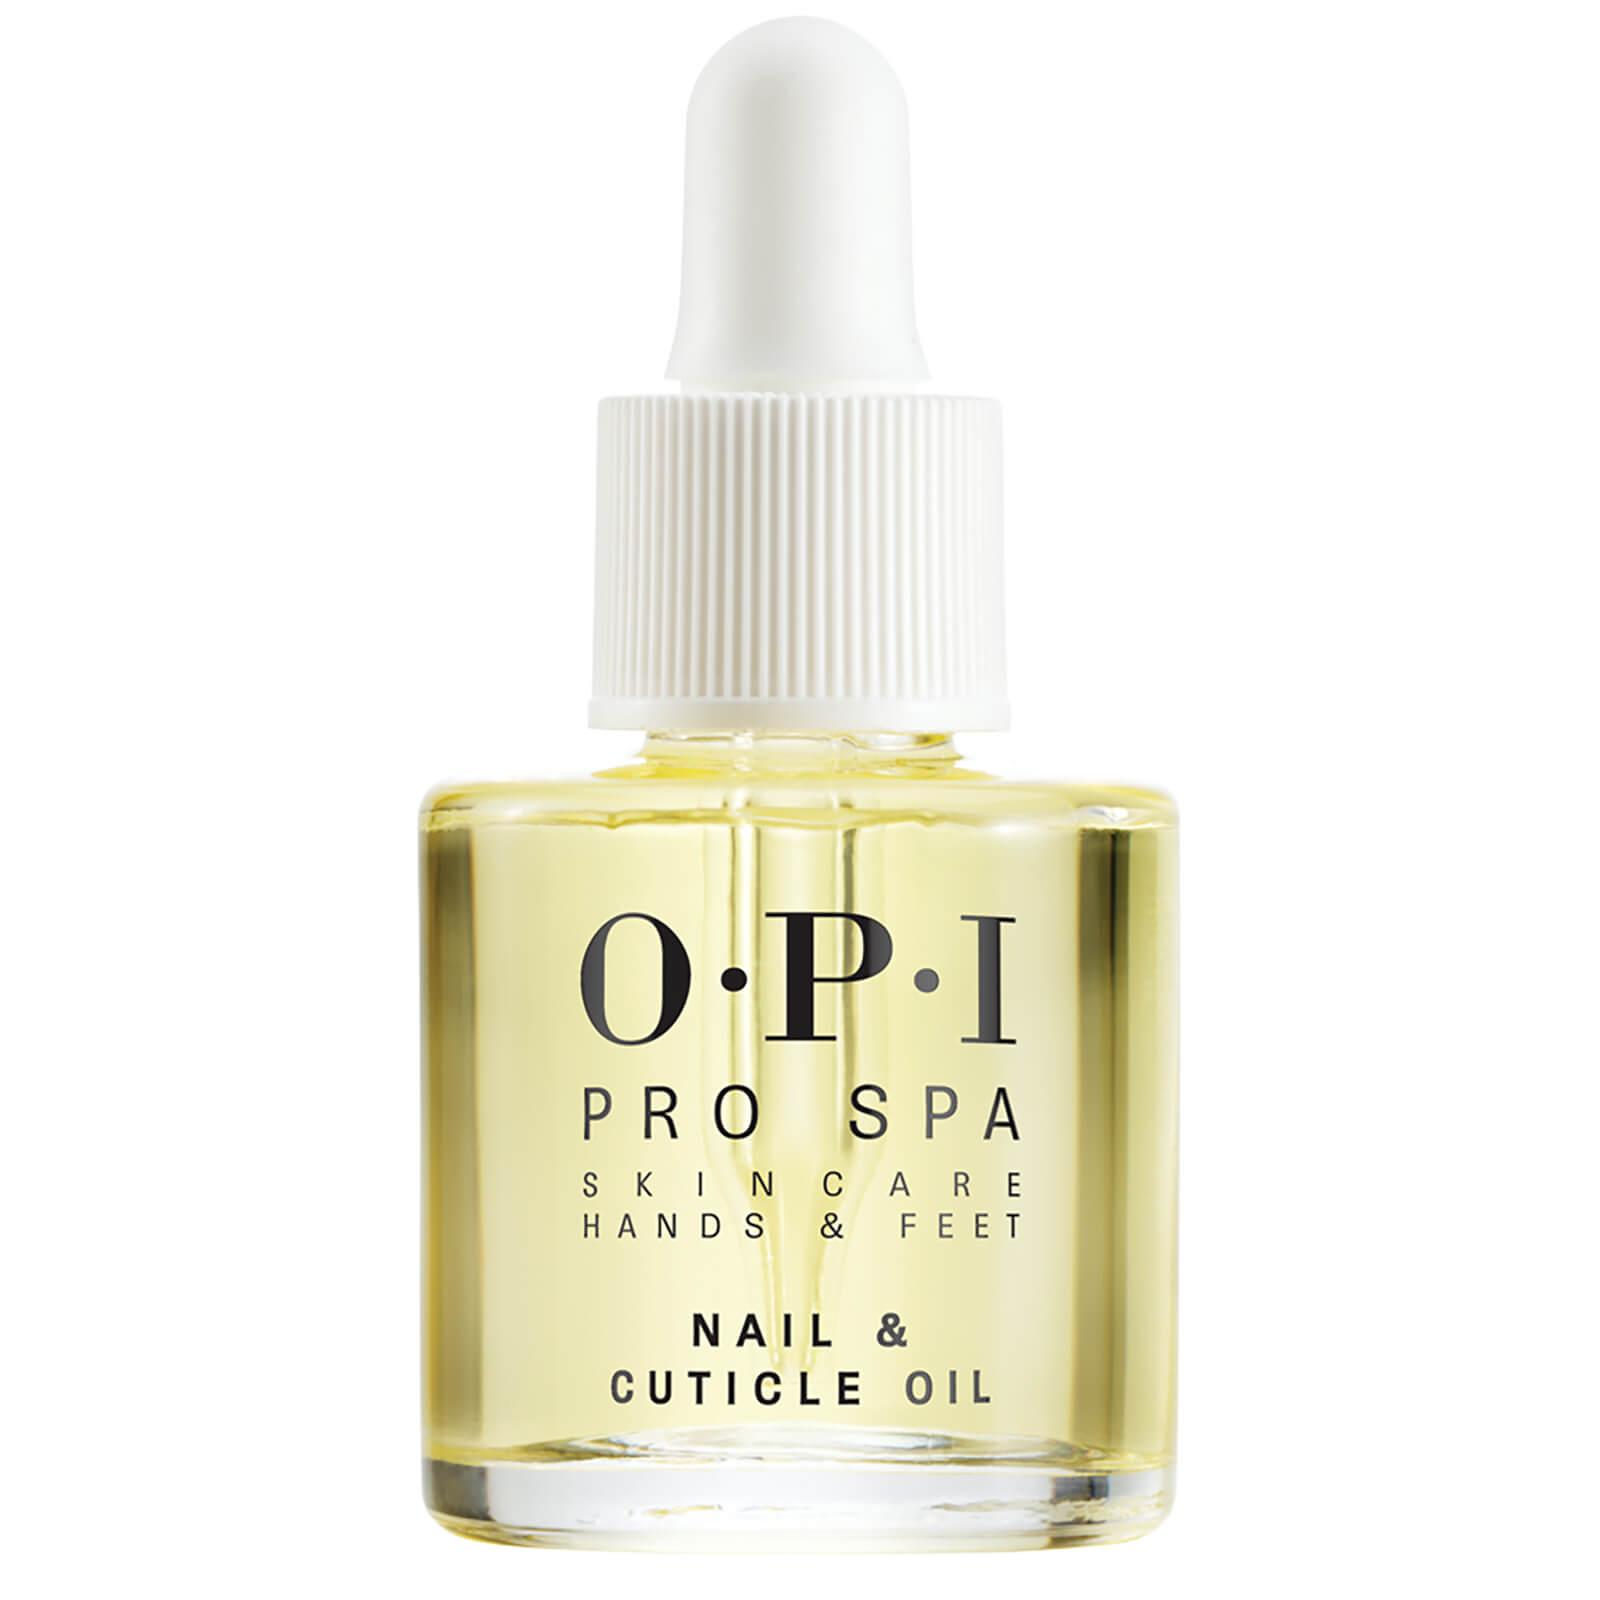 Aceite de uñas y cutículas Prospa de OPI (varios tamaños)